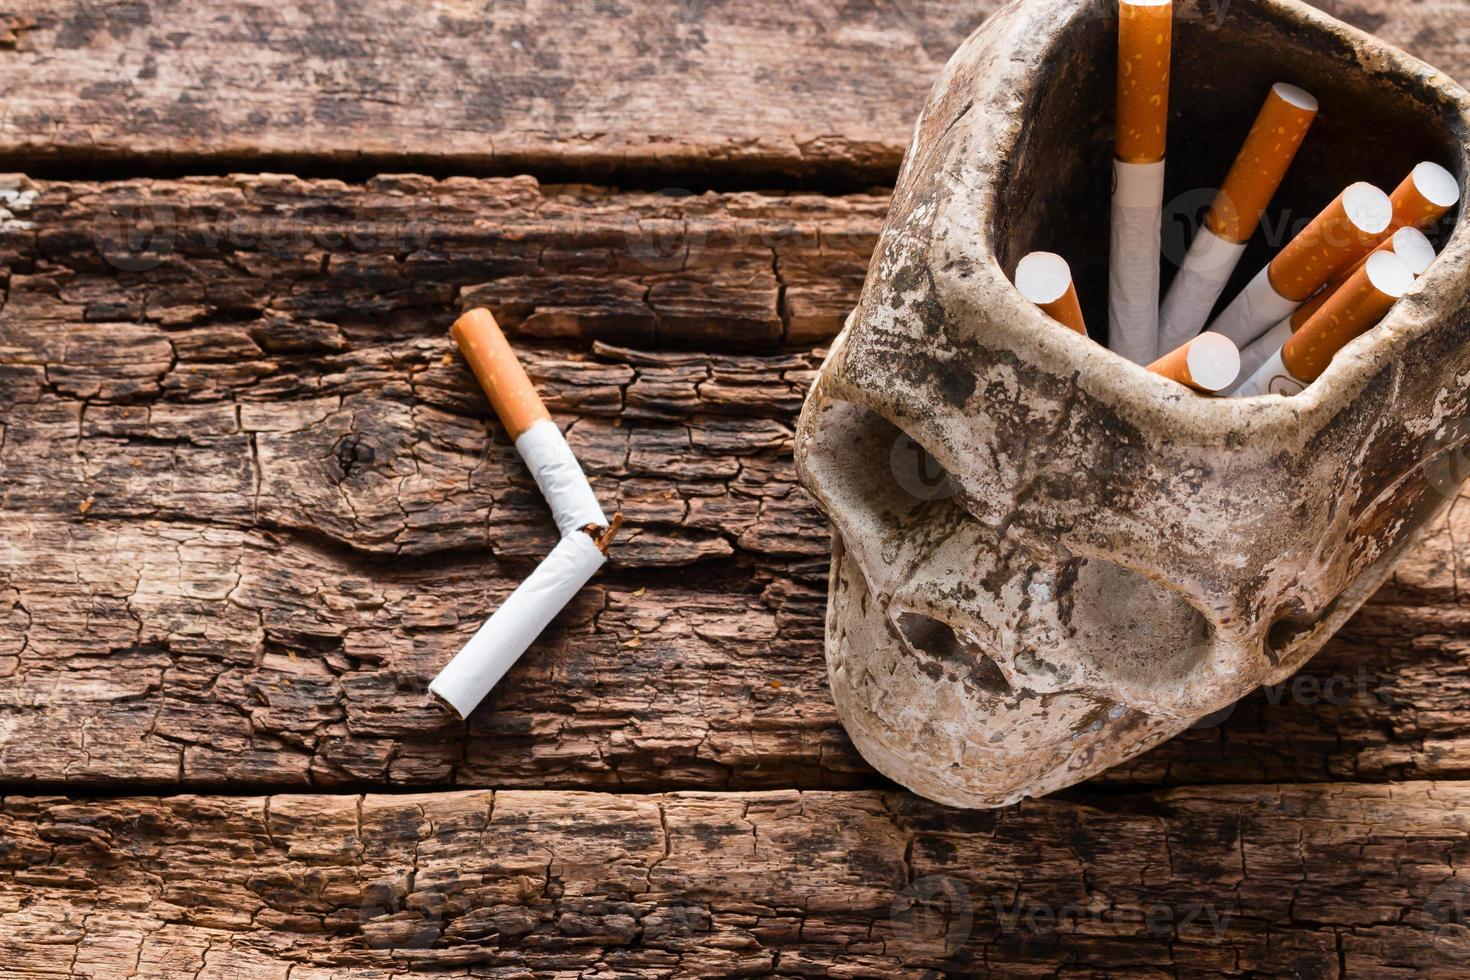 cigarrillo en el cenicero en forma de calavera foto